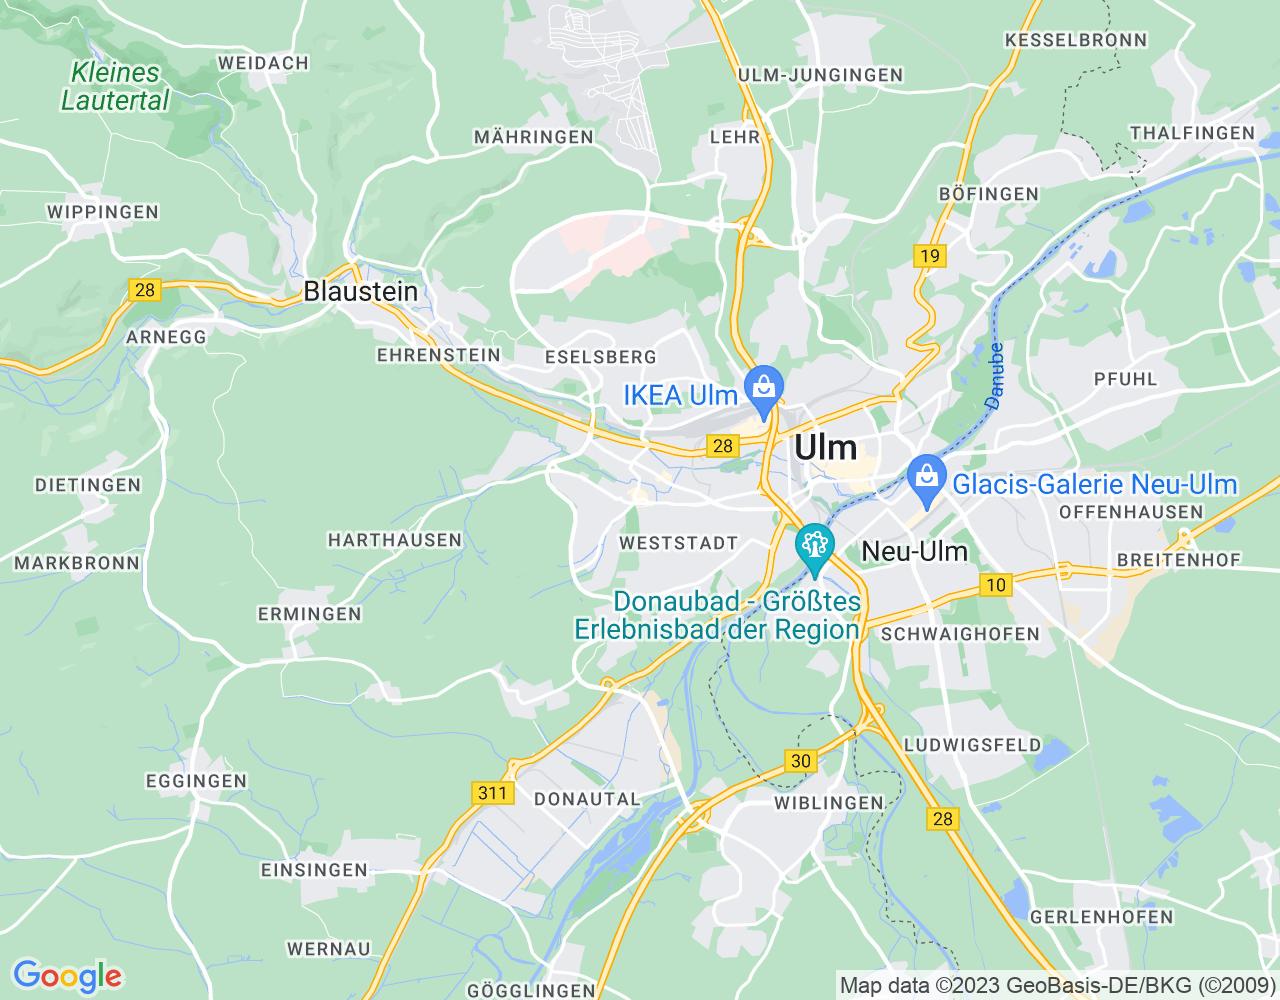 Trockenbauer Ps Bau Ulm Gmbh In Ulm Trockenbau Regional Trockenbauer Regional Finden